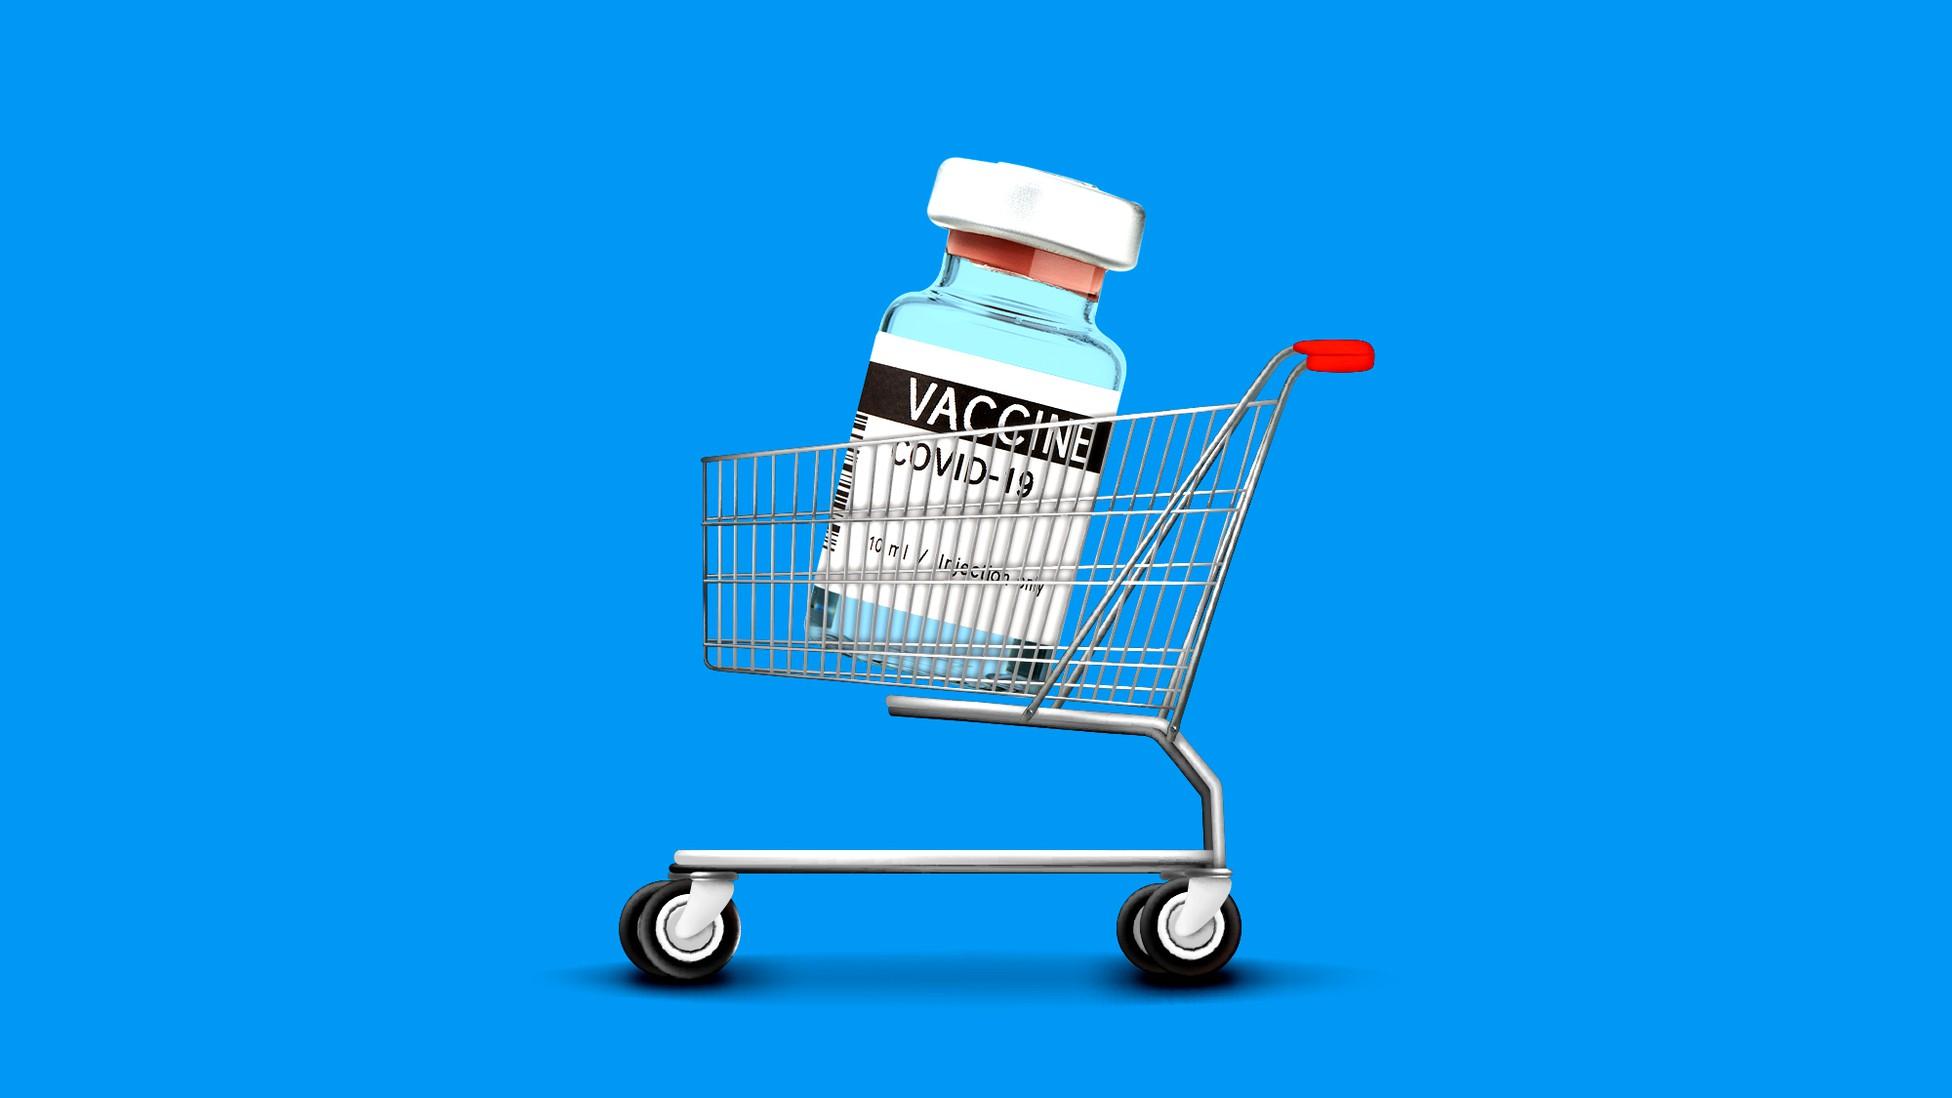 В Харьков доставили Pfizer с нарушениями. Испорчено 9360 доз